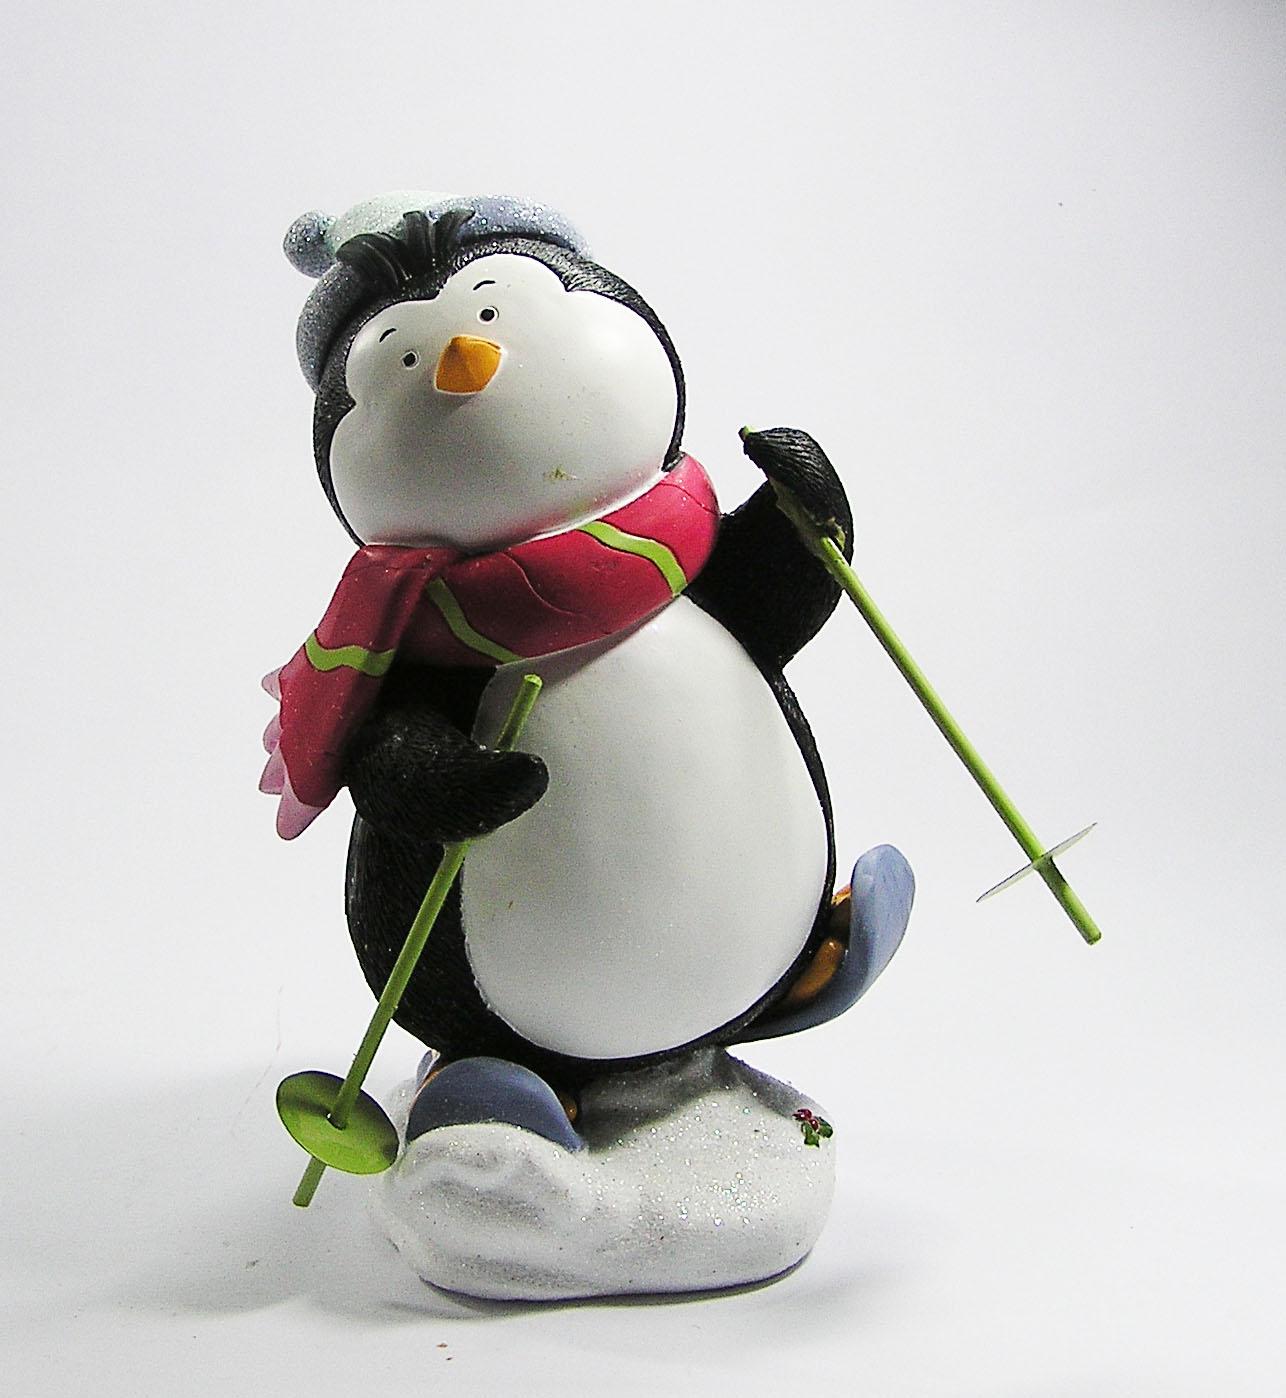 เพนกวินเล่นสกี มีให้เลือก 2 ท่า